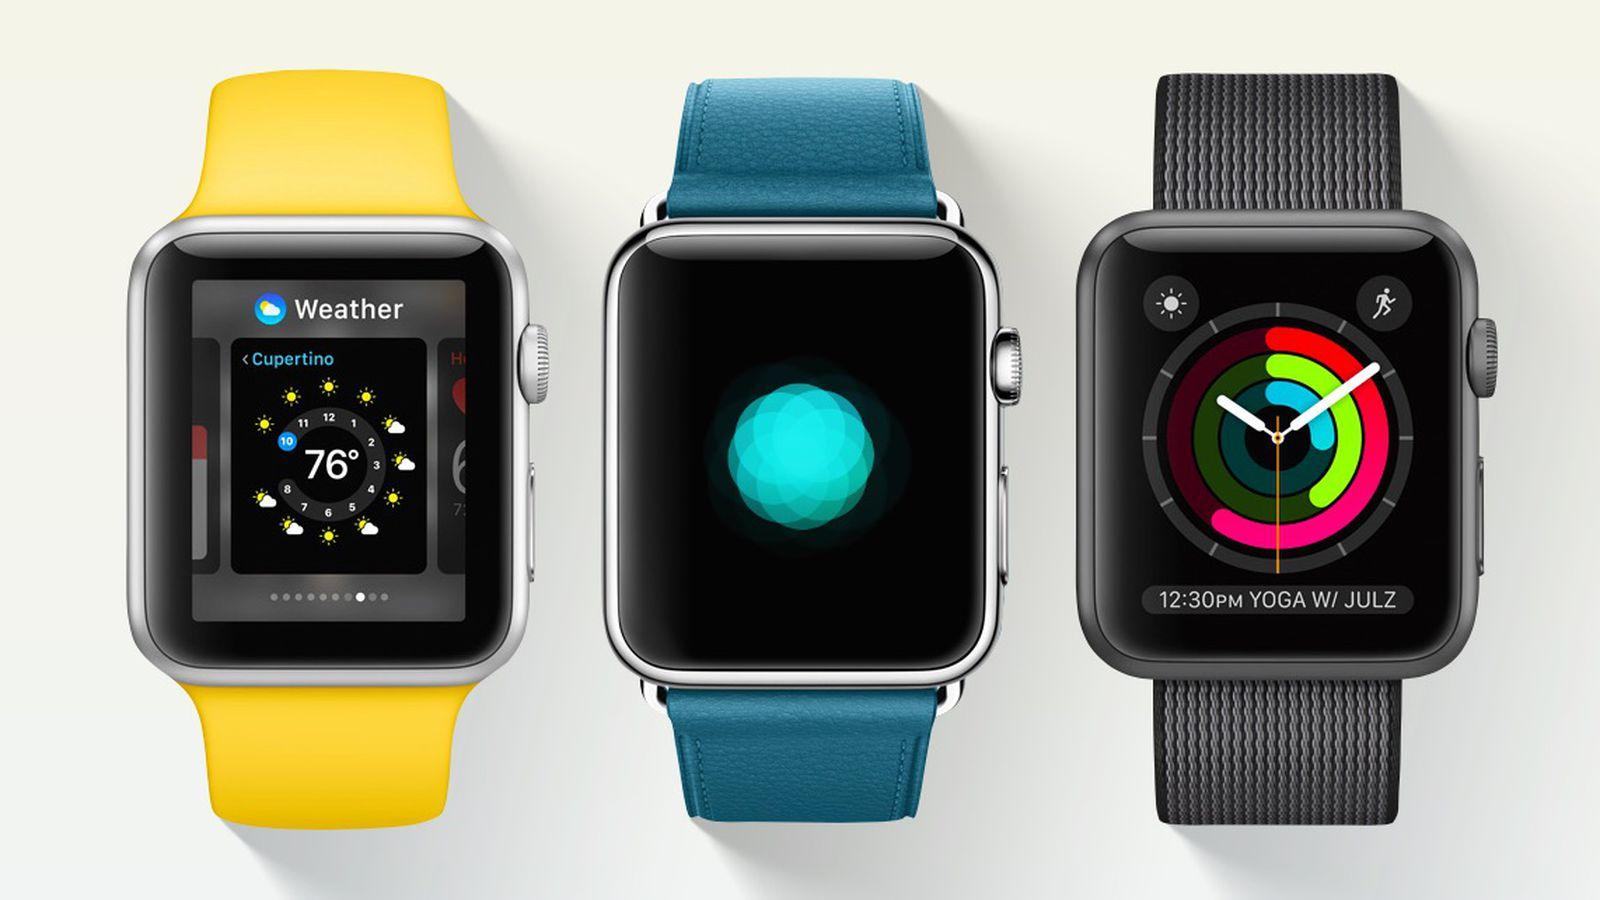 اپل جایگاه سوم در فروش پوشیدنی های هوشمند را به خود اختصاص داد!